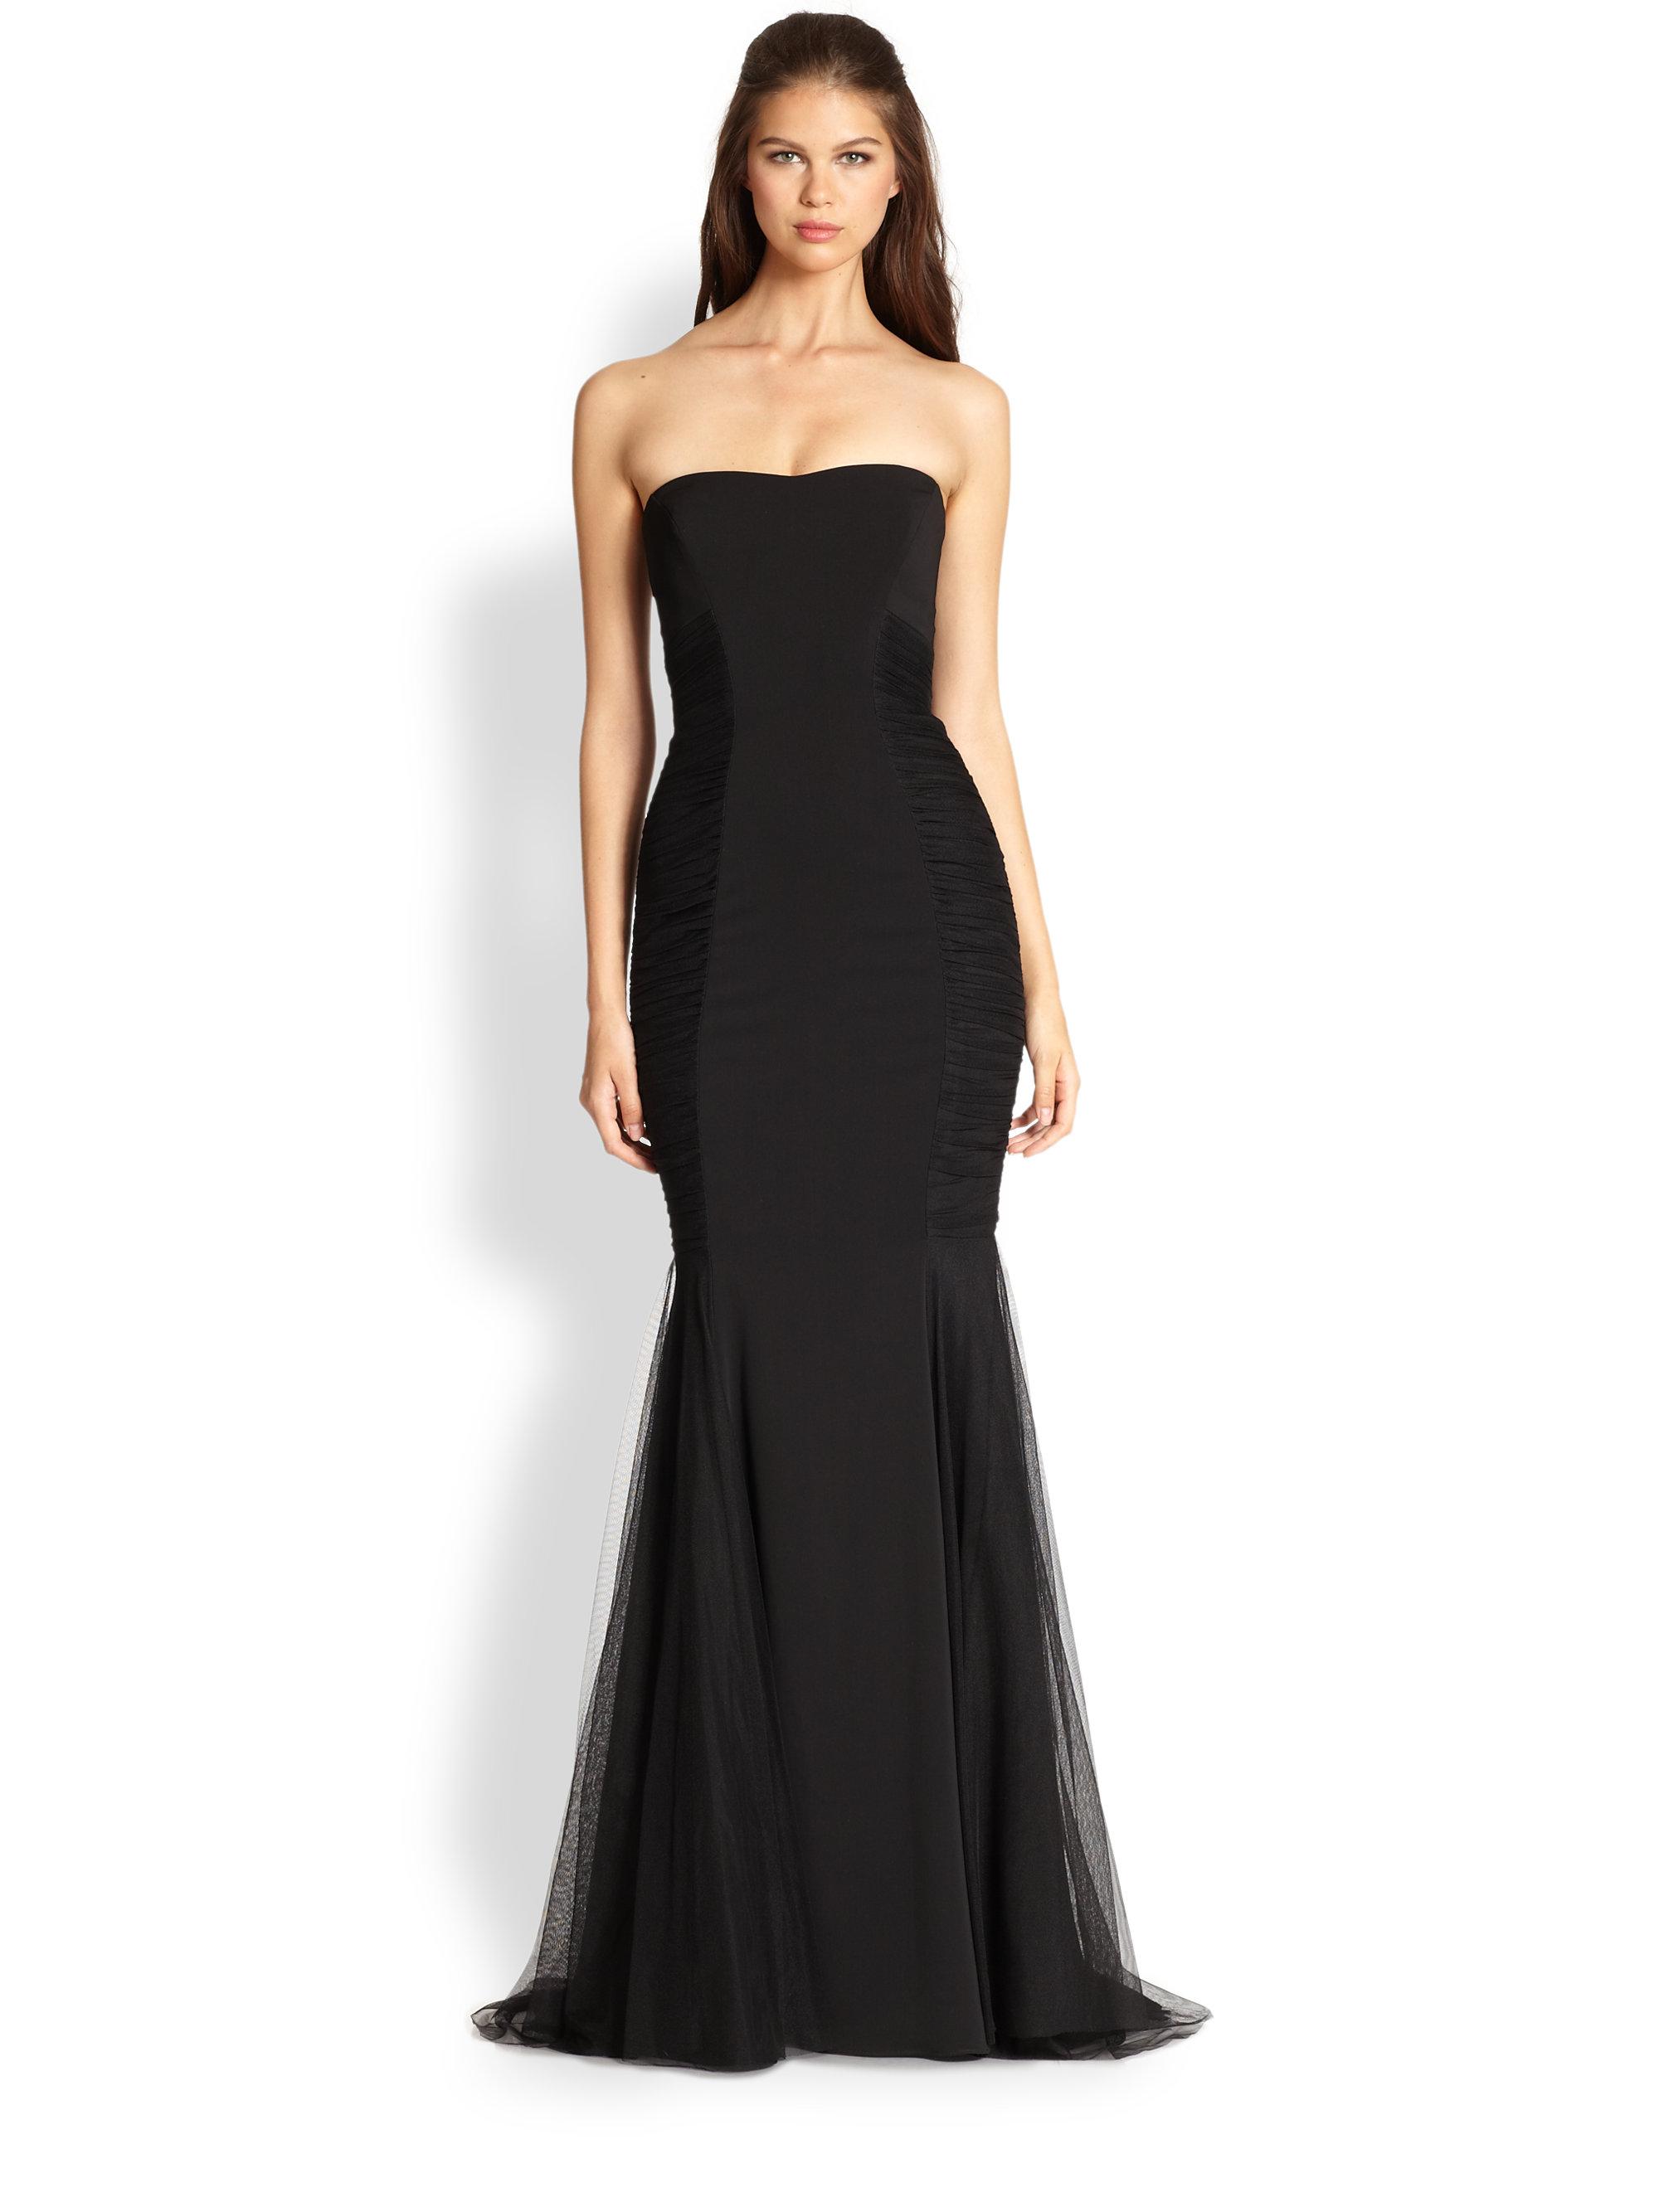 Lyst - Badgley Mischka Strapless Gown in Black